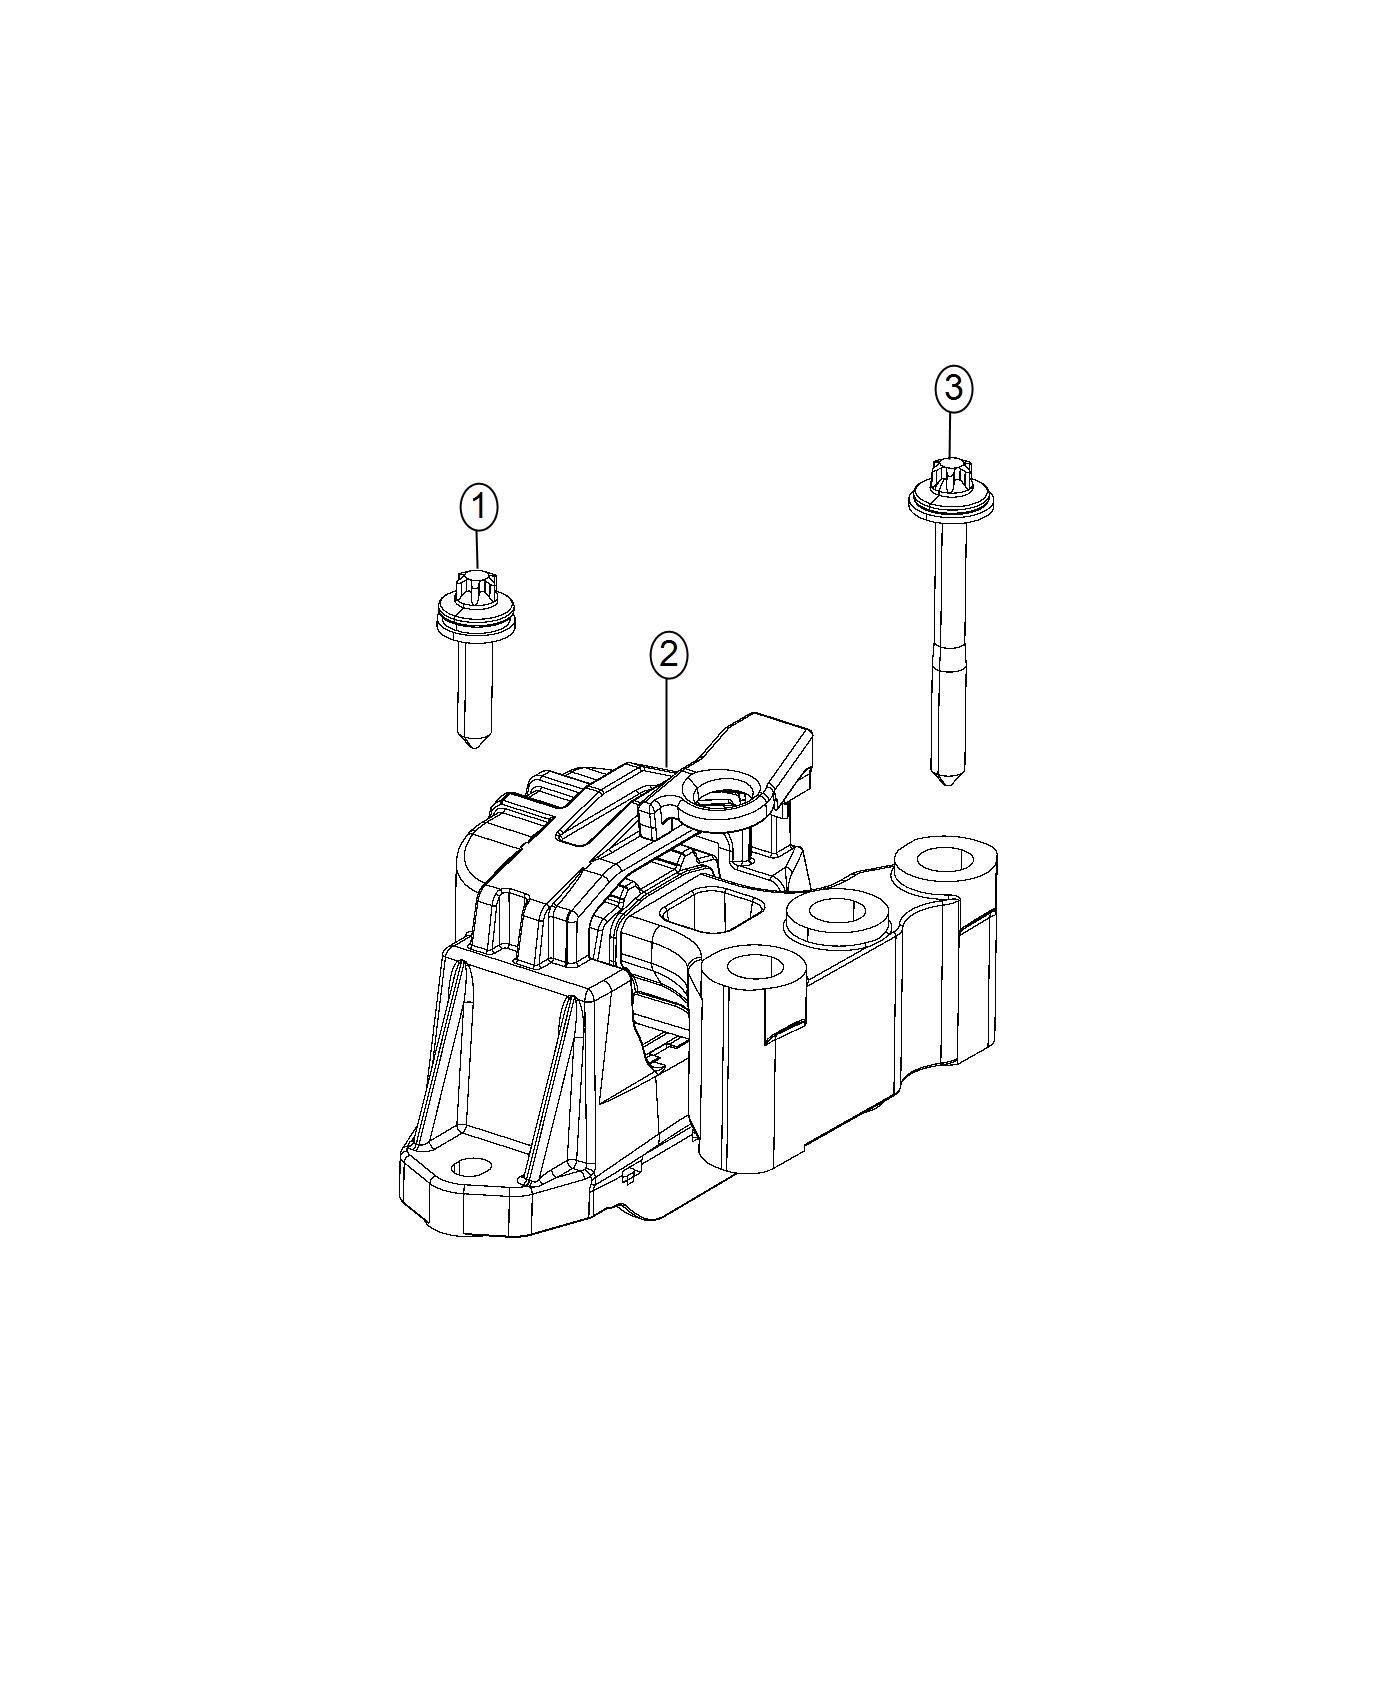 2016 Ram PROMASTER CITY WAGON SLT Isolator. Engine mount